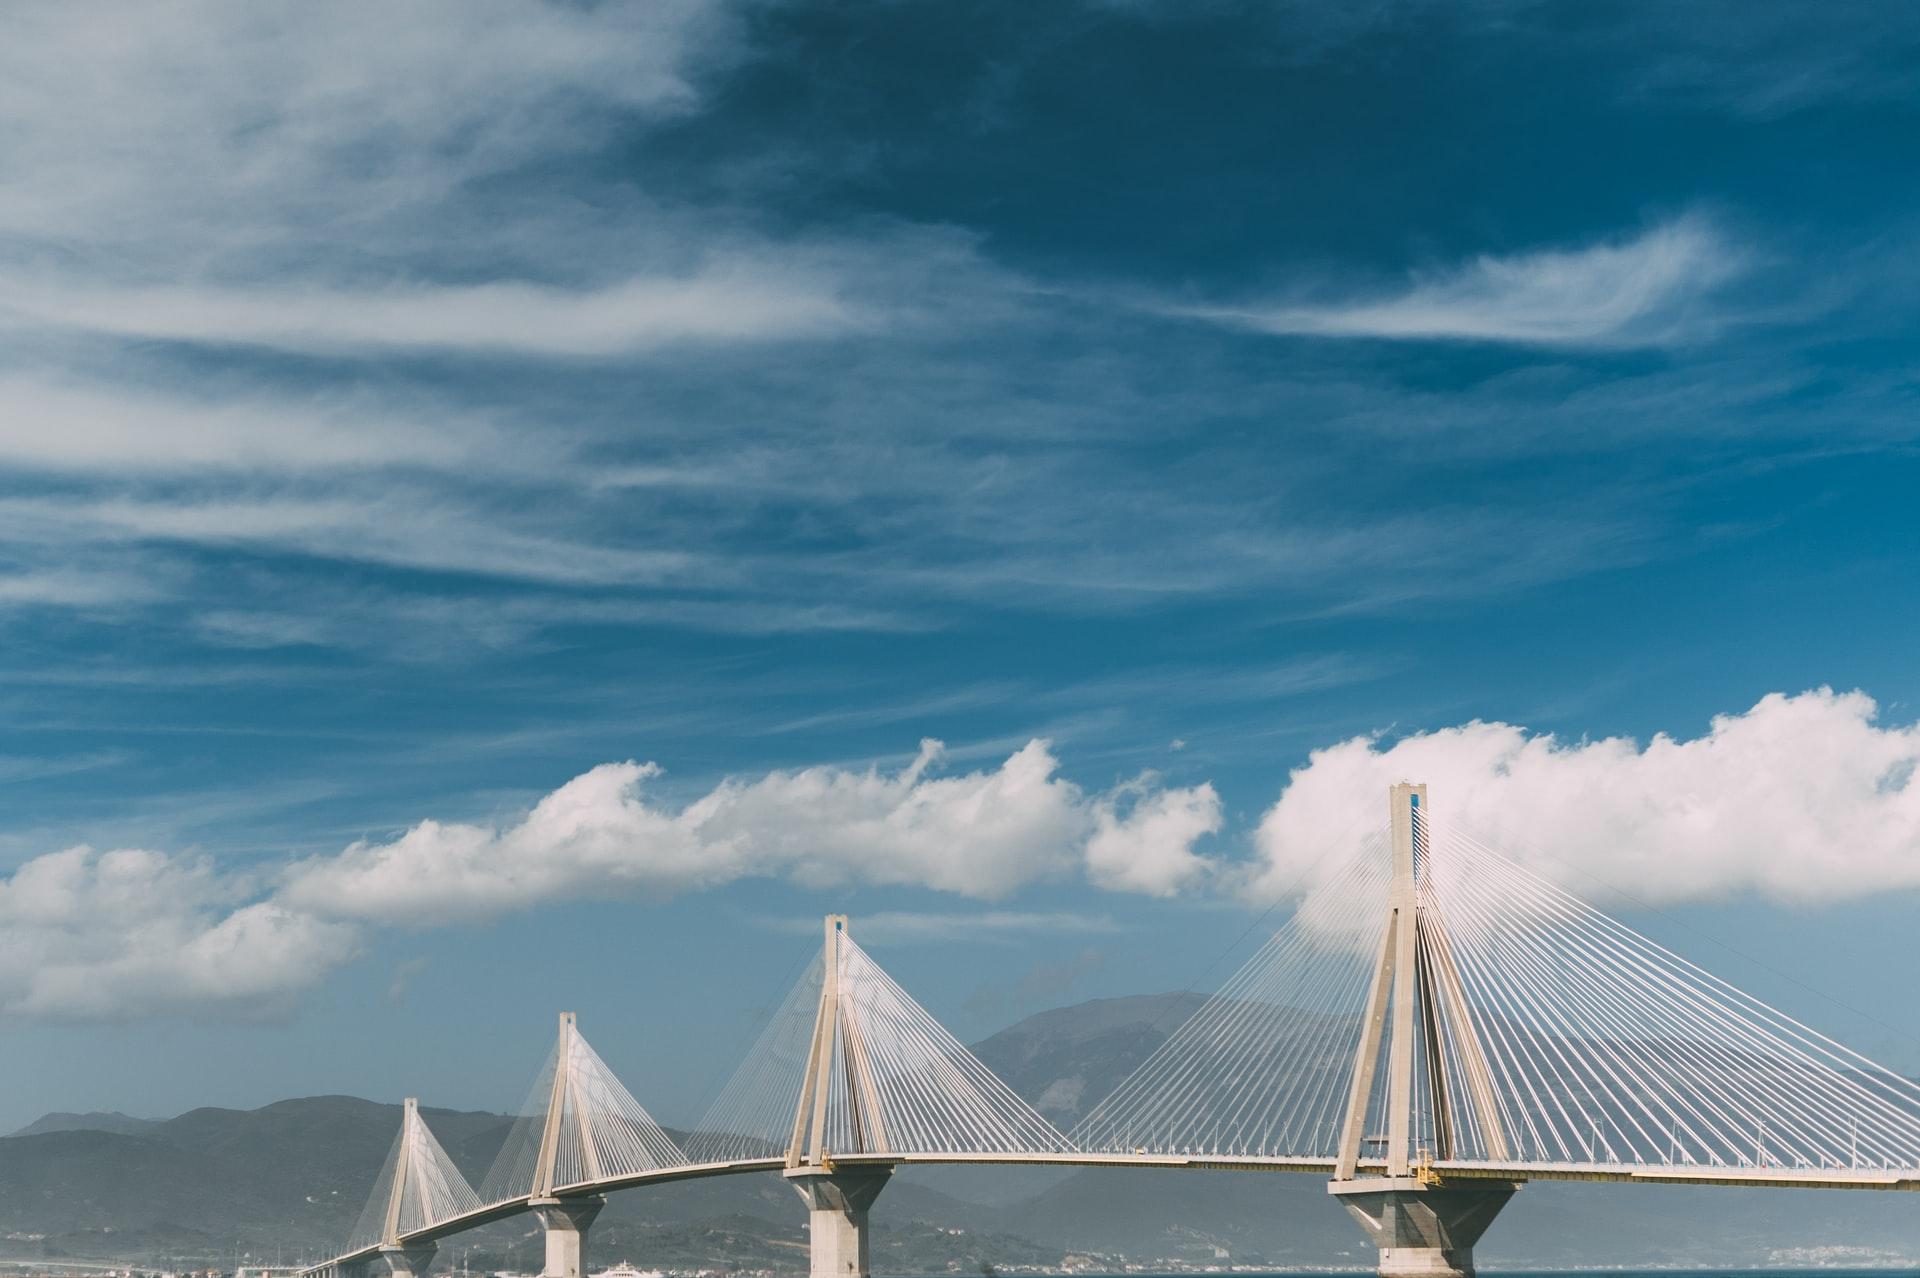 [FOTO] Znate li koju posebnu titulu nosi ovaj spektakularan olimpijski most?